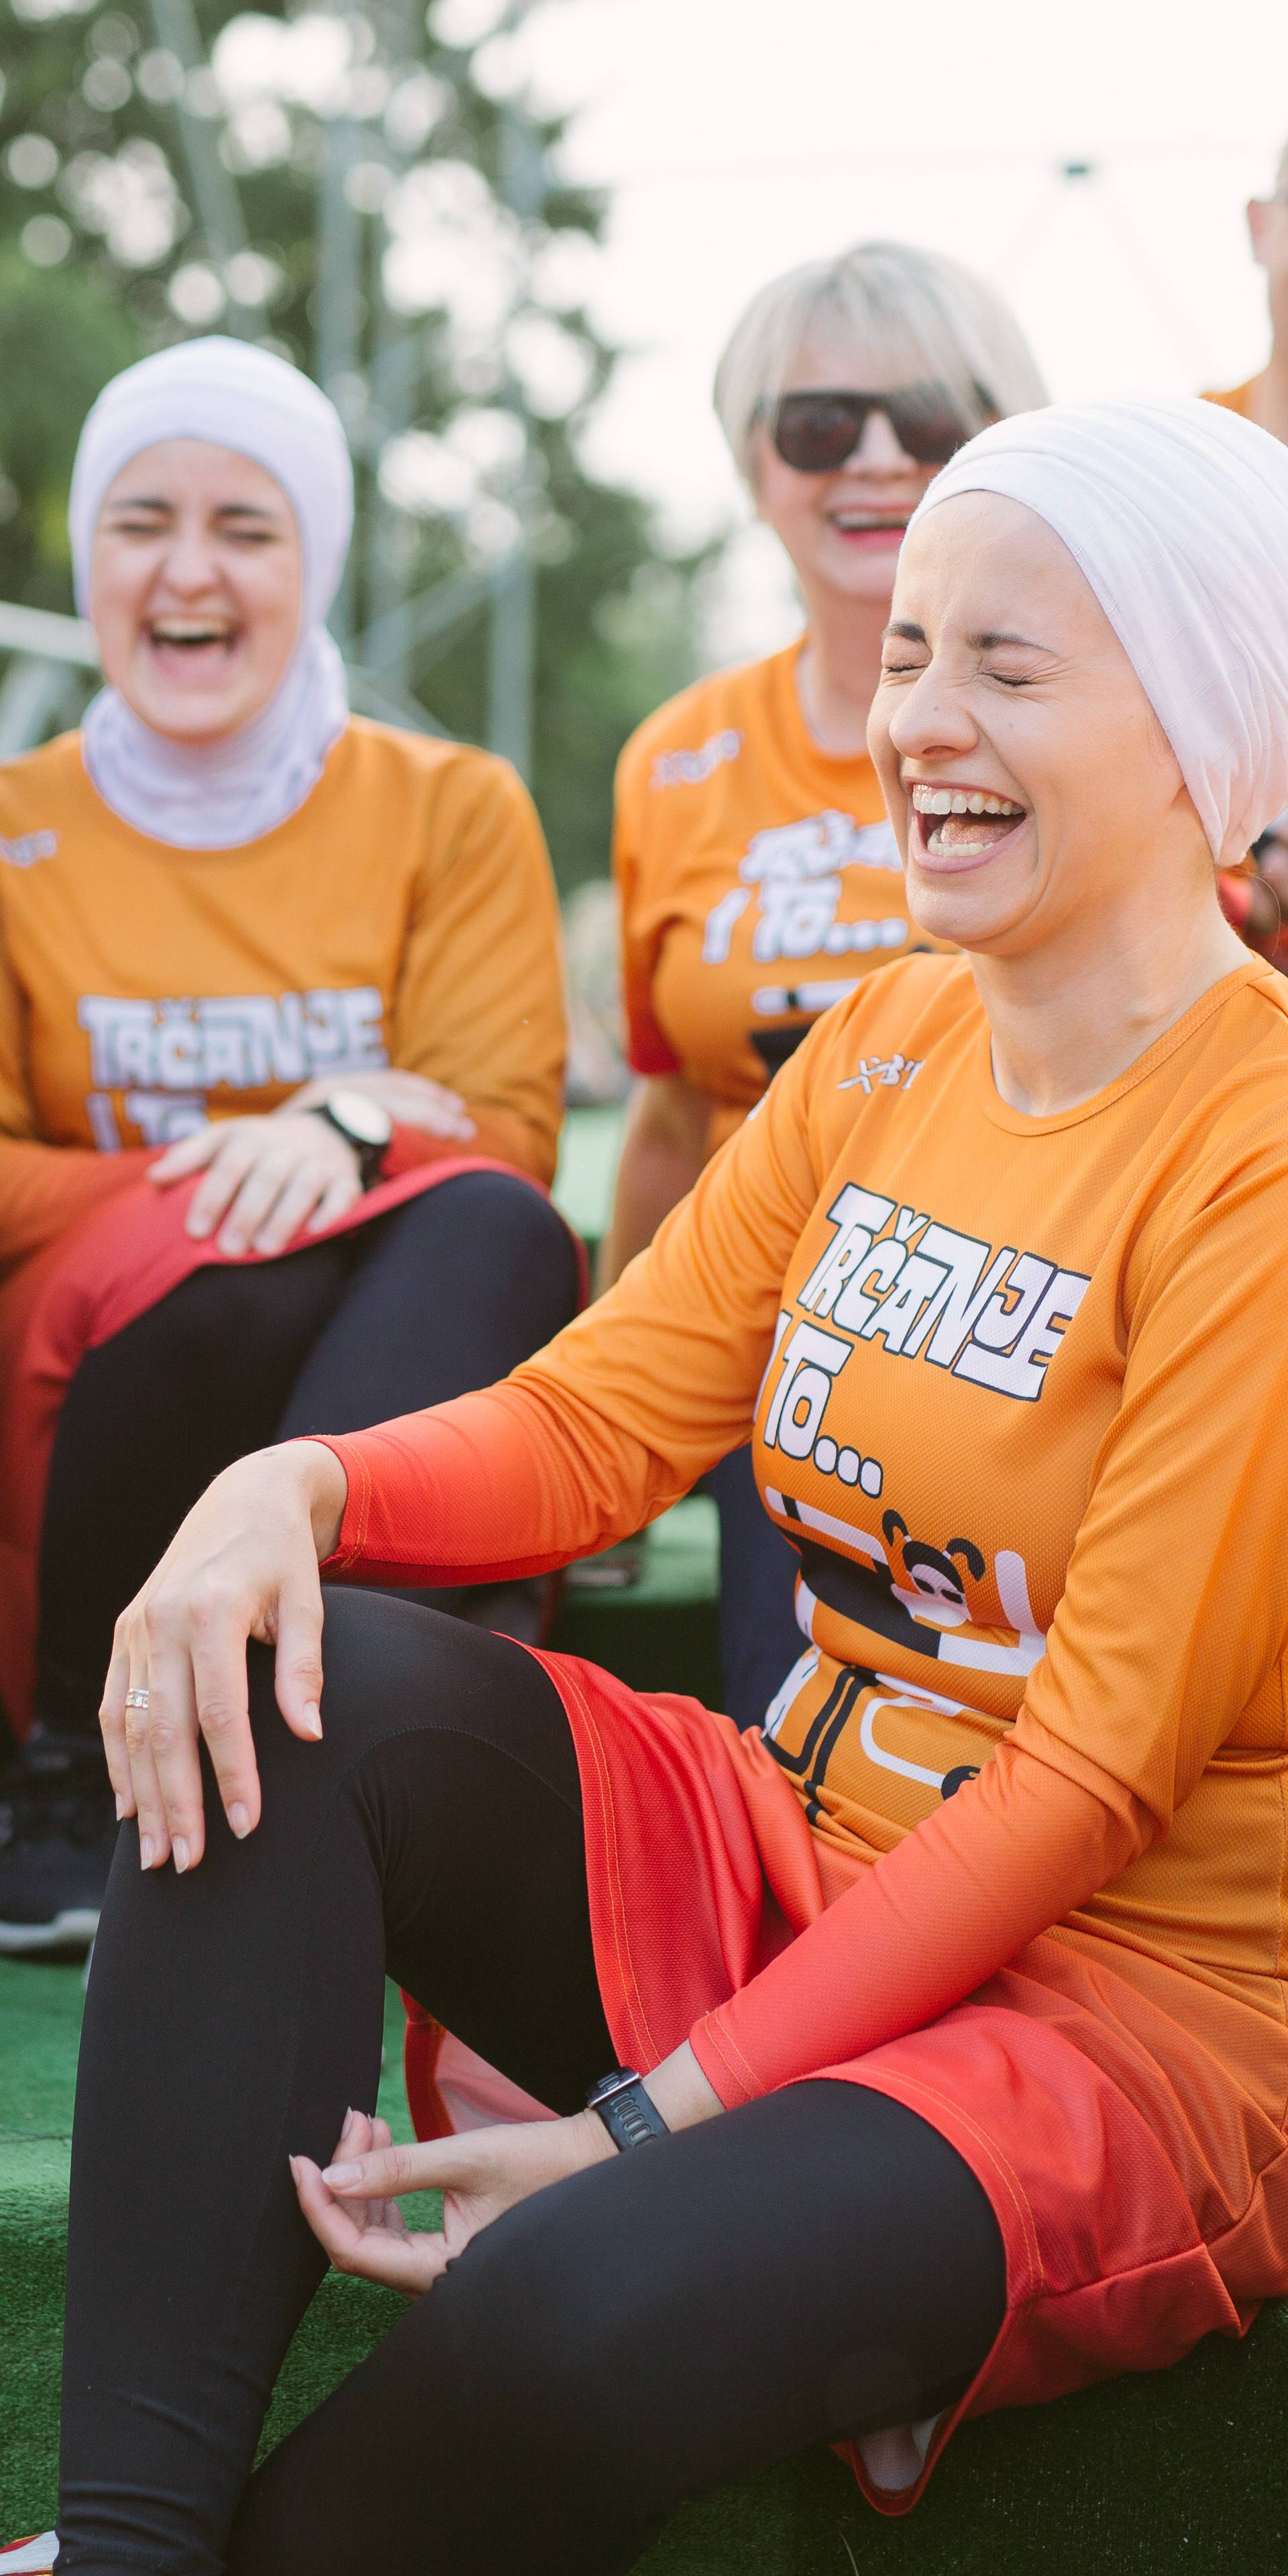 Triatlonka koja inspirira svijet: Hidžab mi ne smeta dok trčim